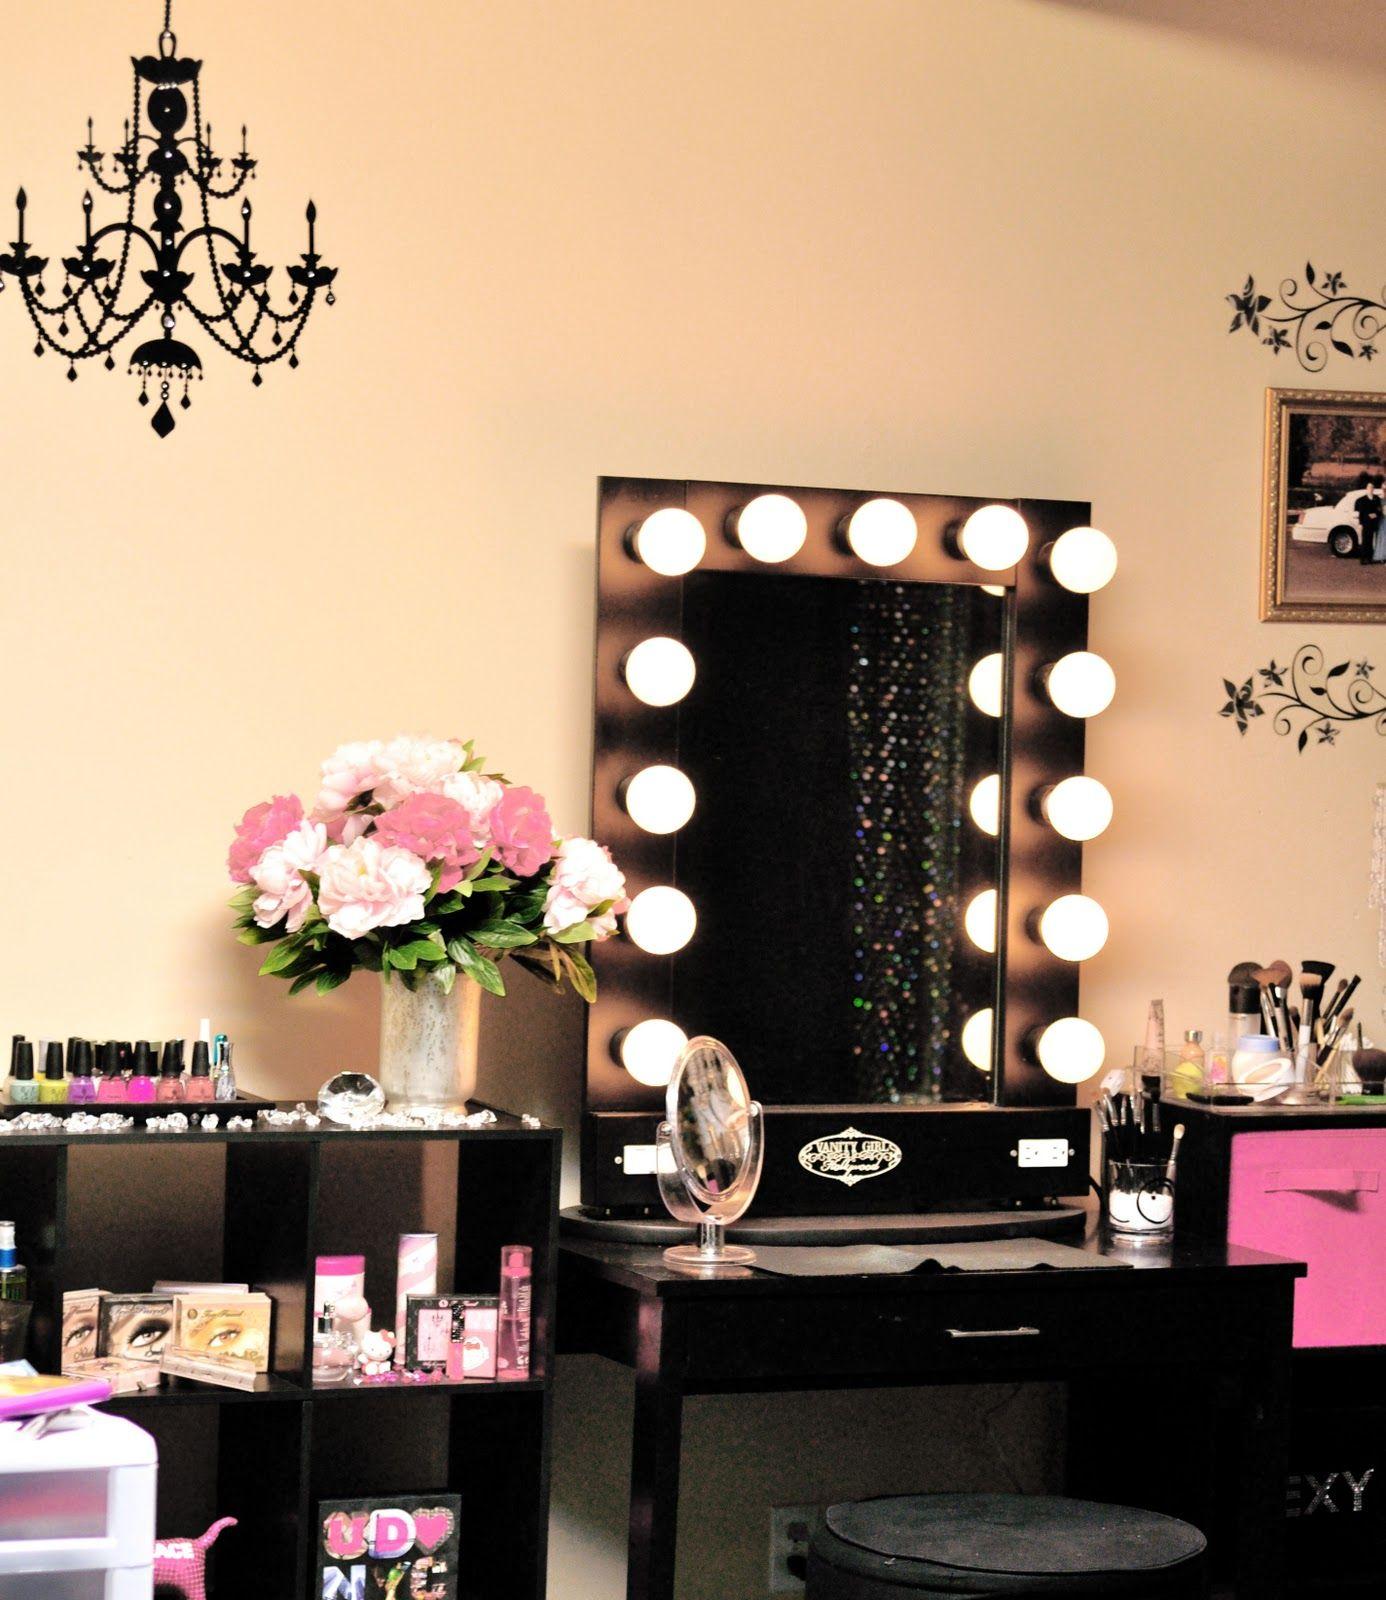 Exquisite Antique Chandelier Over Black Makeup Vanity With